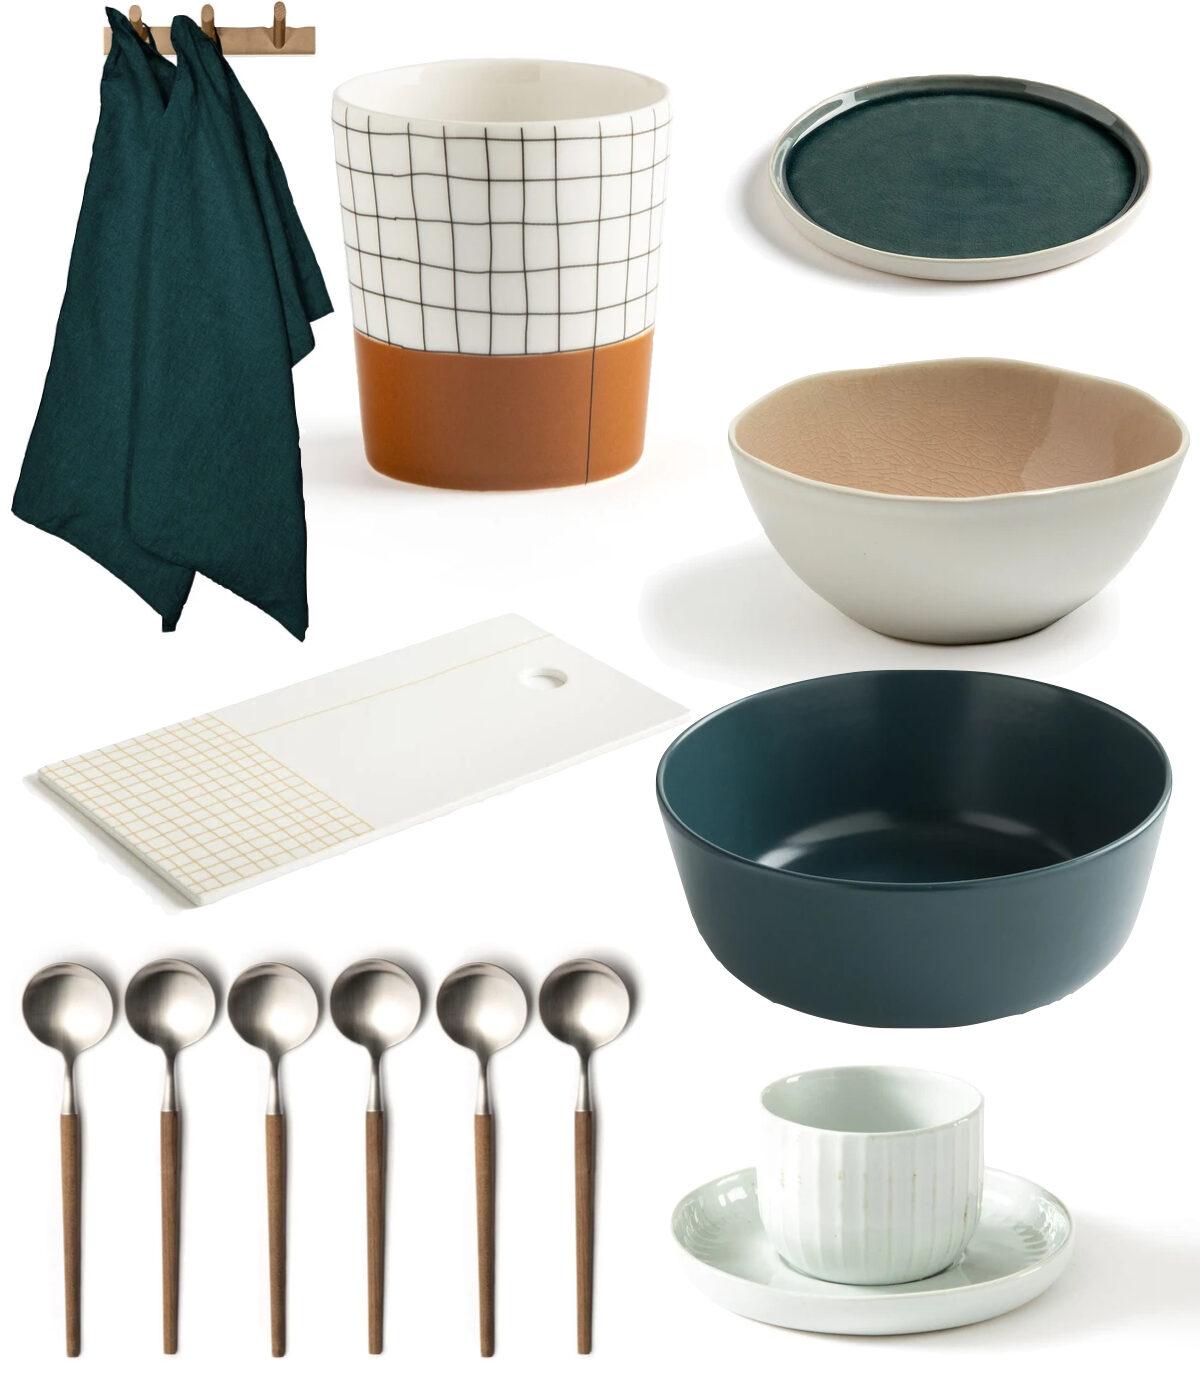 table vaisselle blanche bleu canard vert terracotta orange brique.001